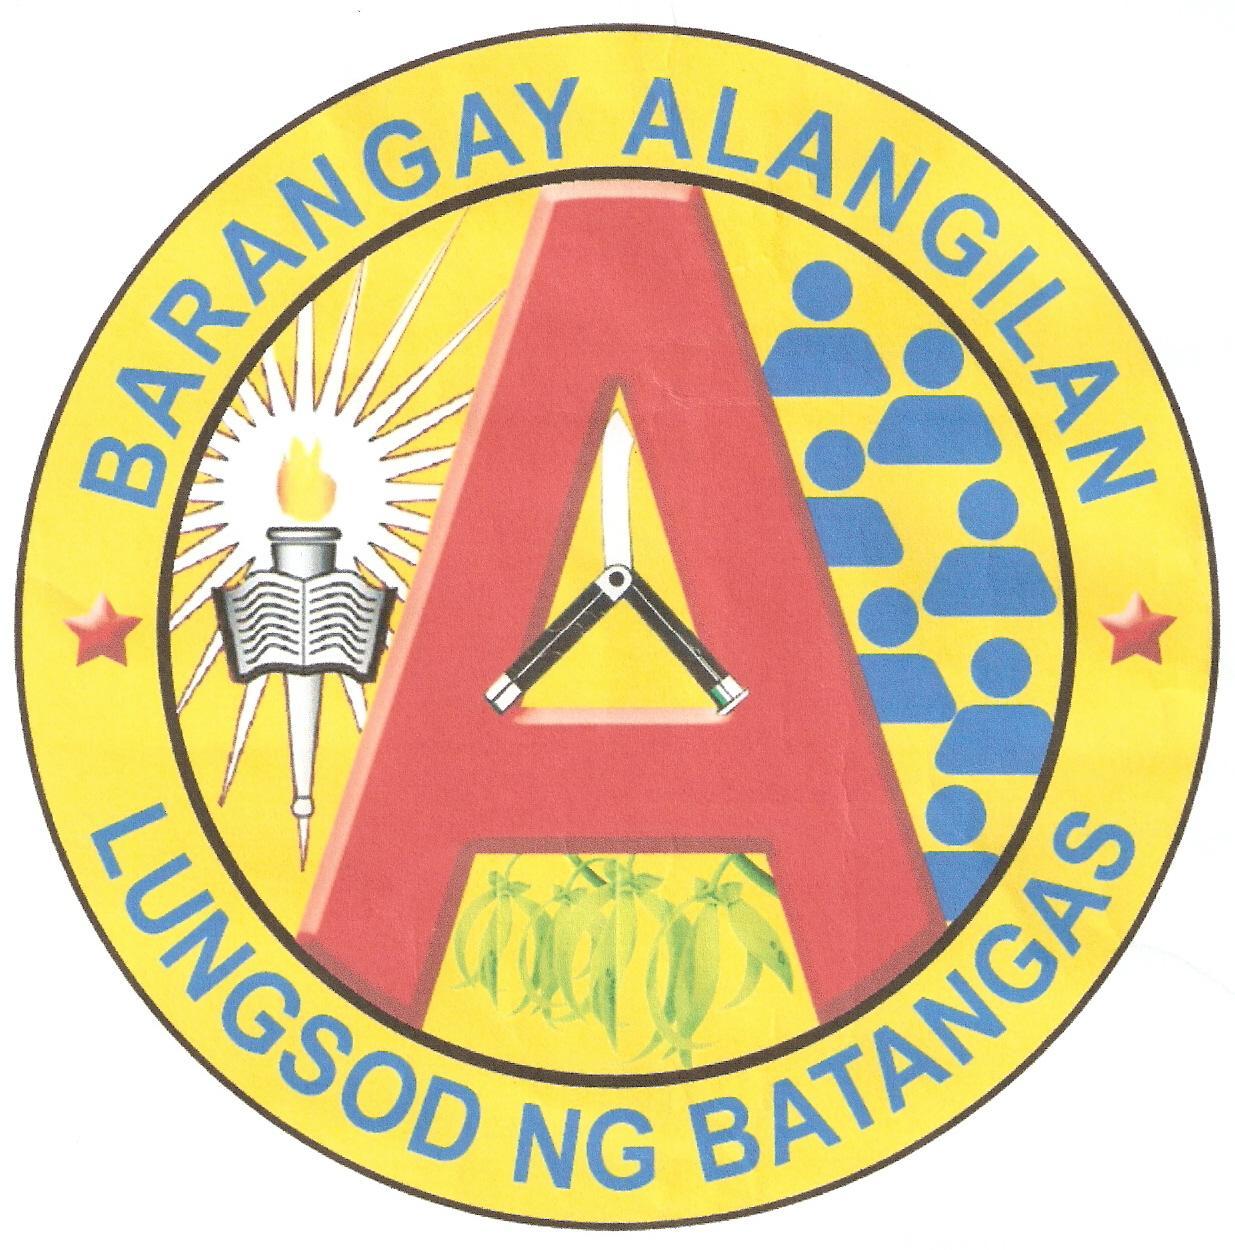 Barangay Alangilan, Batangas City: Barangay Alangilan